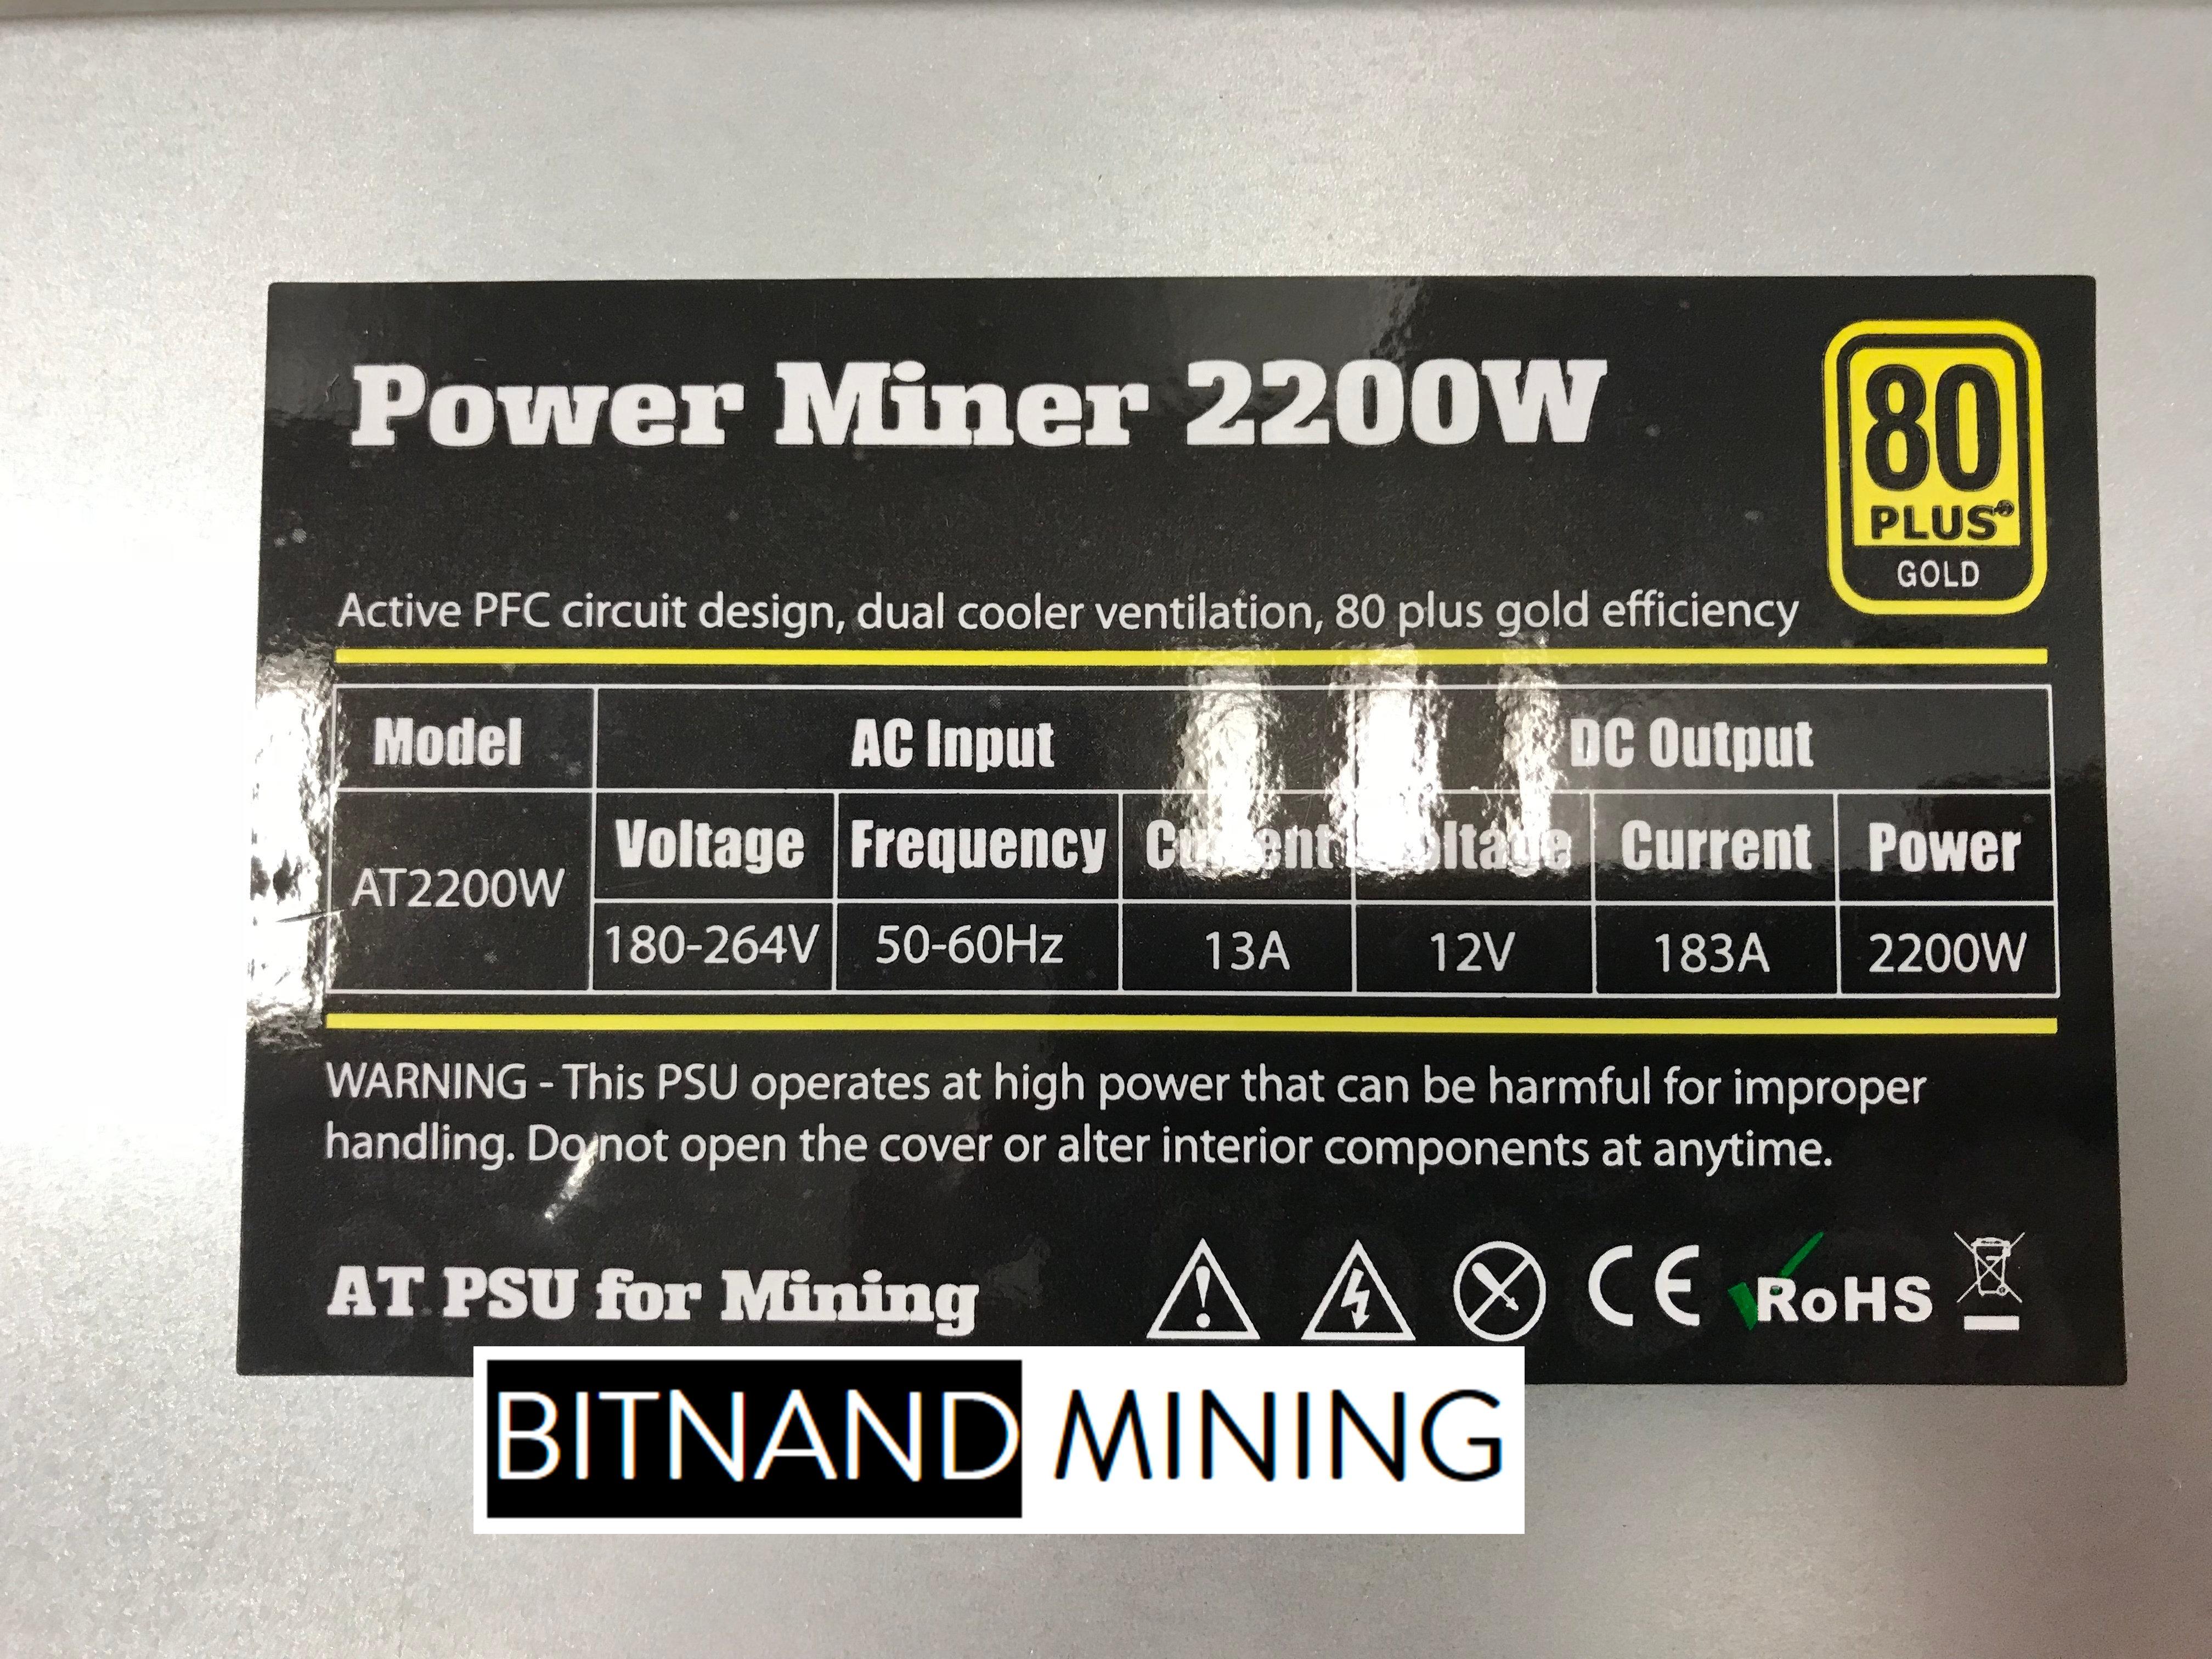 2200W Miner Power Supply